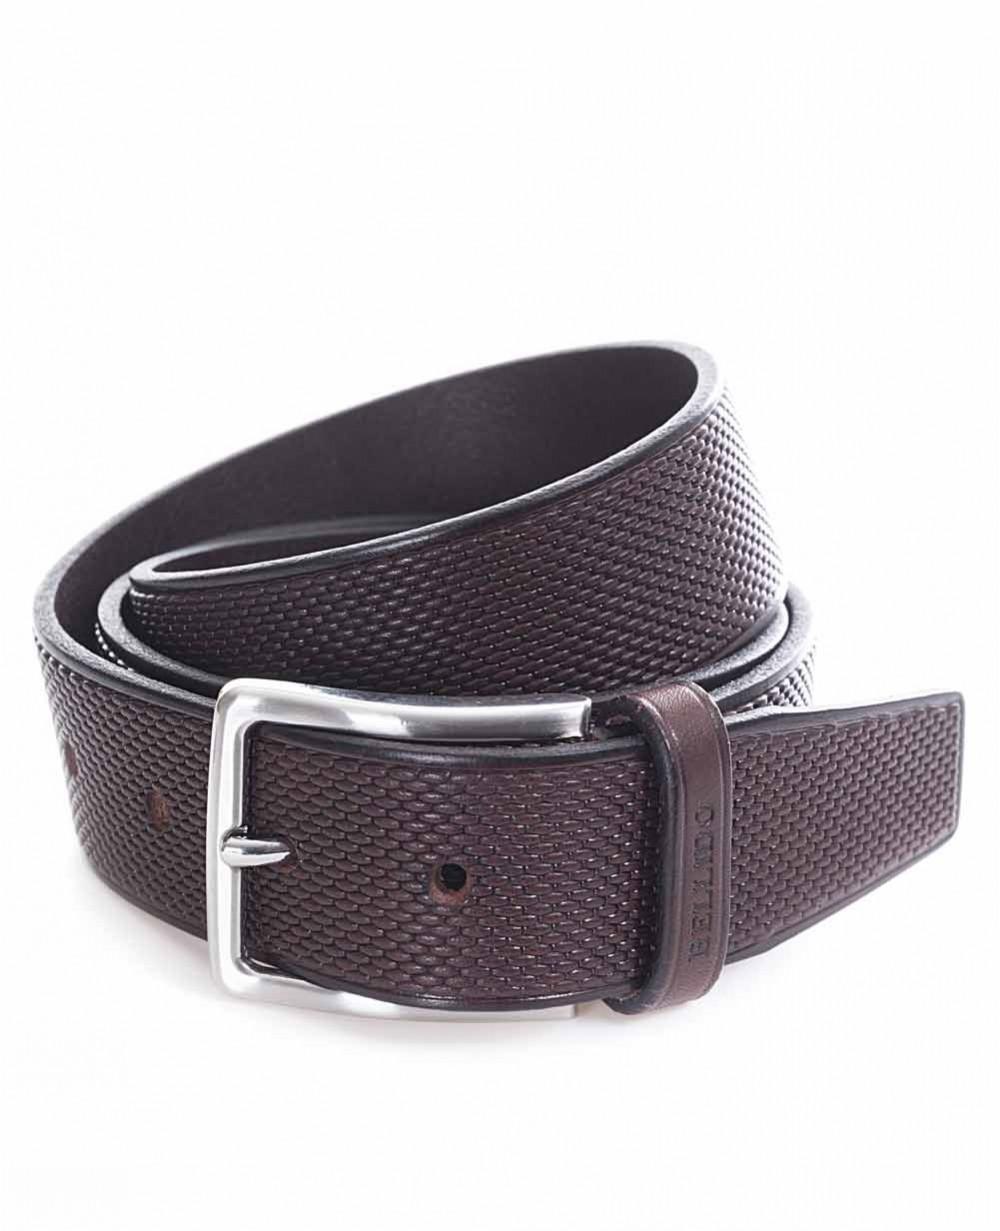 Miguel Bellido Cinturón clásico Piel grabado Marrón 105 (Foto )